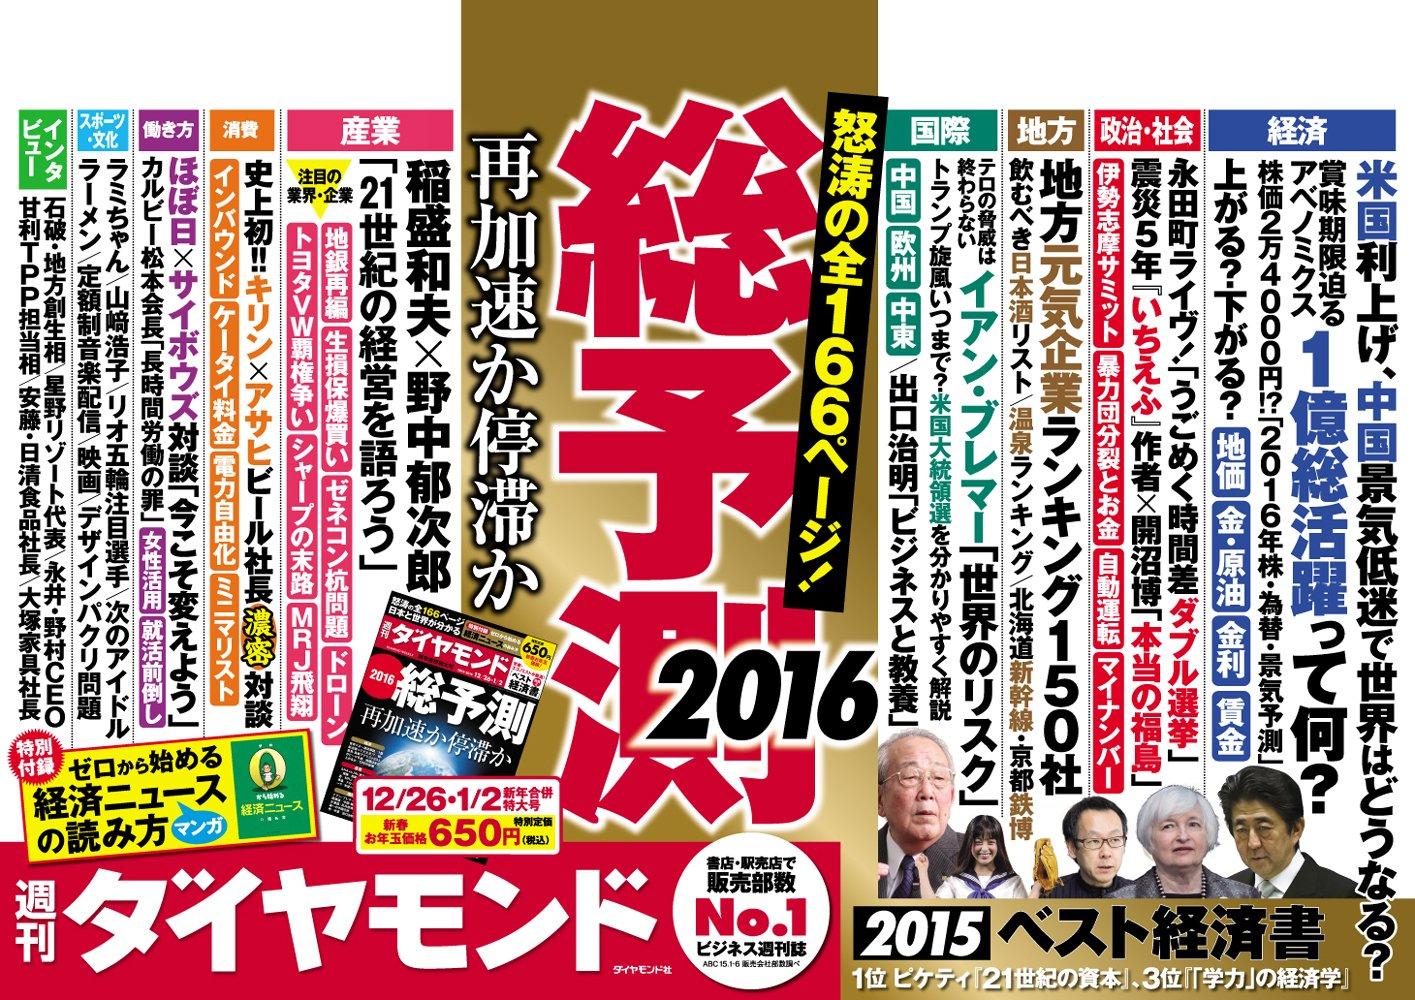 16 週刊ダイヤモンド 2015年 1226 2016年 12 新年合併特大号2